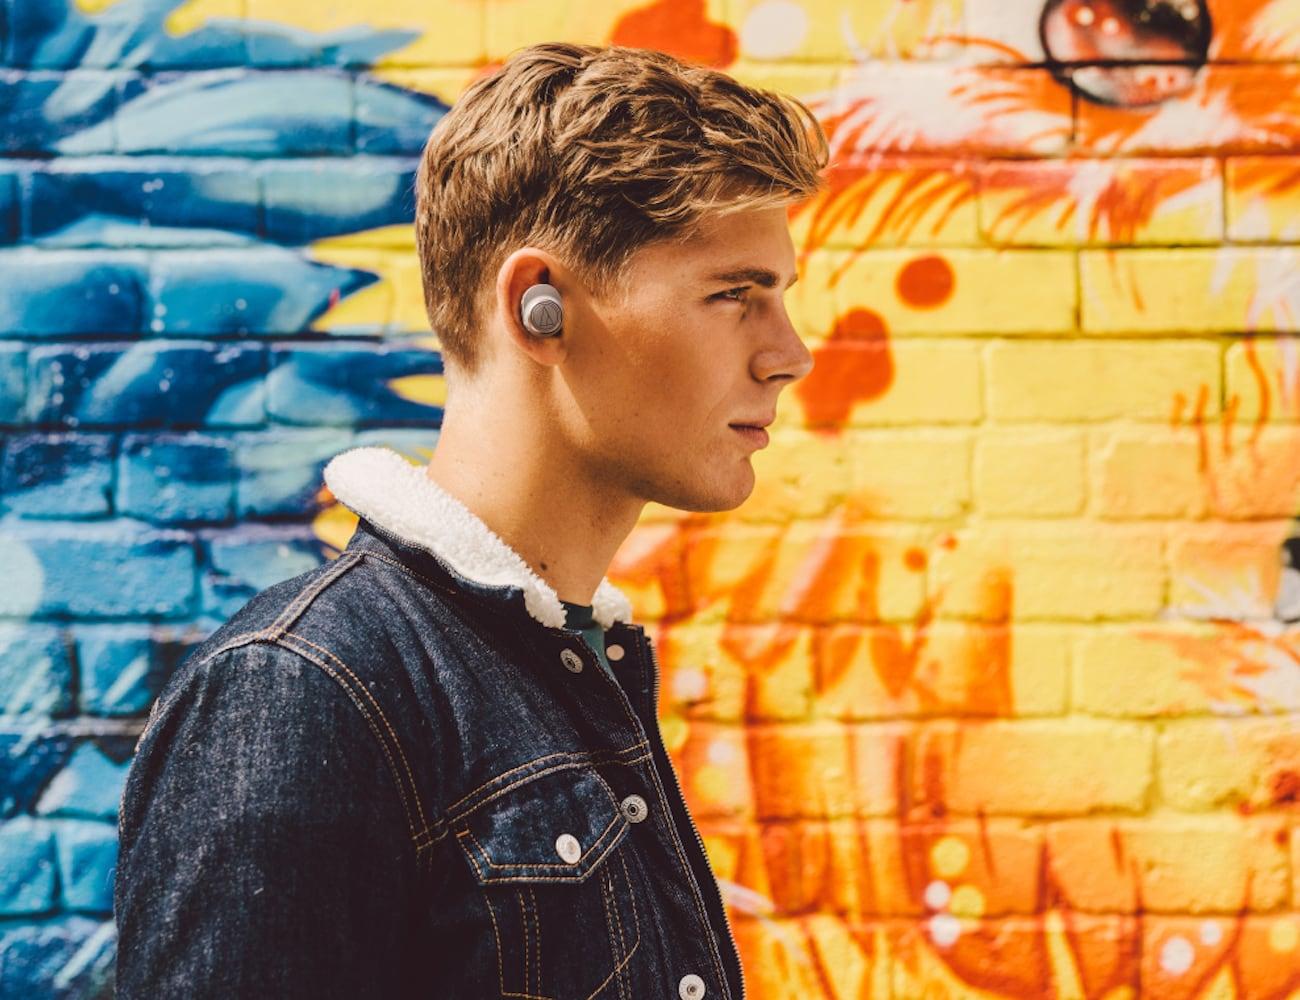 Audio-Technica ATH-CKR7TW True Wireless In-Ear Headphones